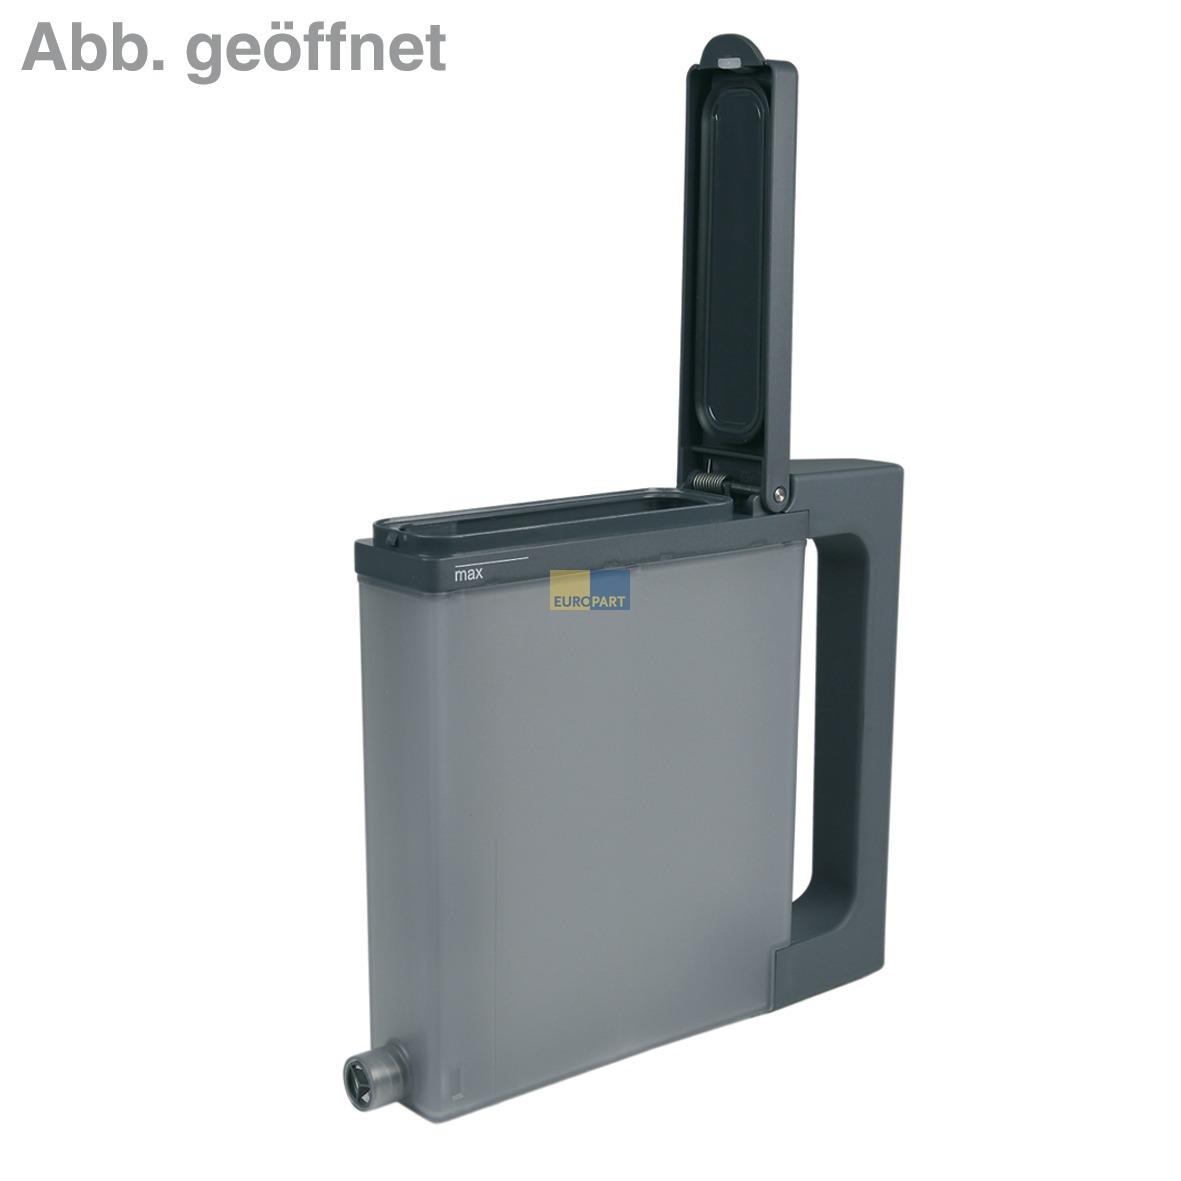 Bosch Siemens Wassertank Wasserbehälter Dampfgarofen Dampfgarer 00791032 791032